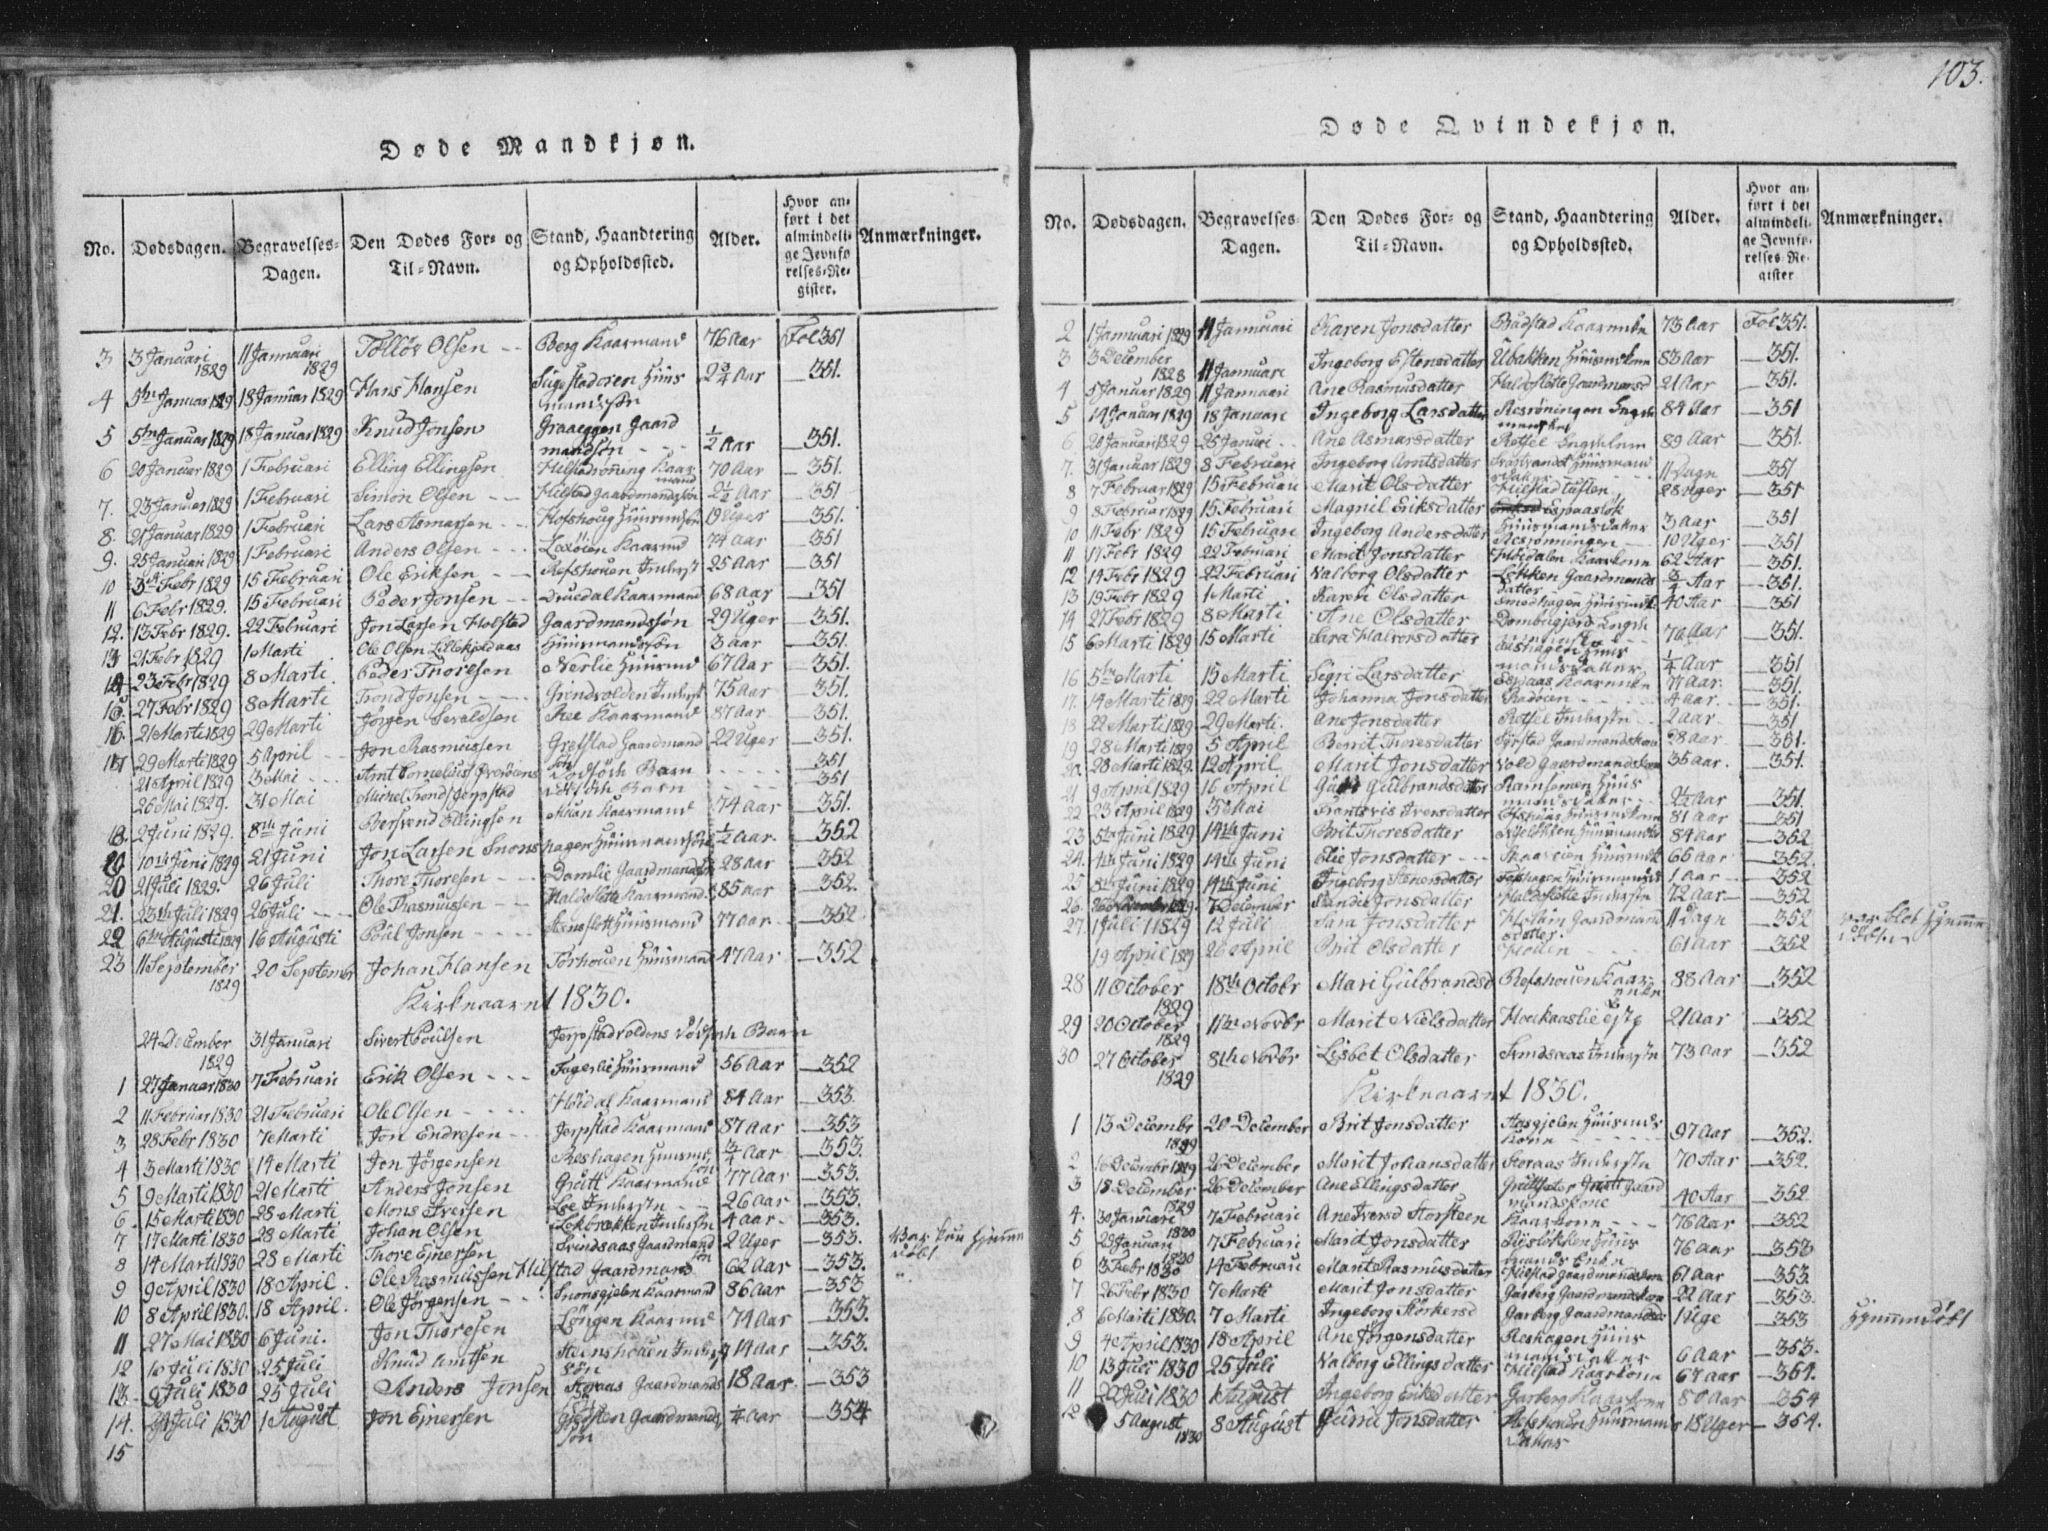 SAT, Ministerialprotokoller, klokkerbøker og fødselsregistre - Sør-Trøndelag, 672/L0862: Klokkerbok nr. 672C01, 1816-1831, s. 103